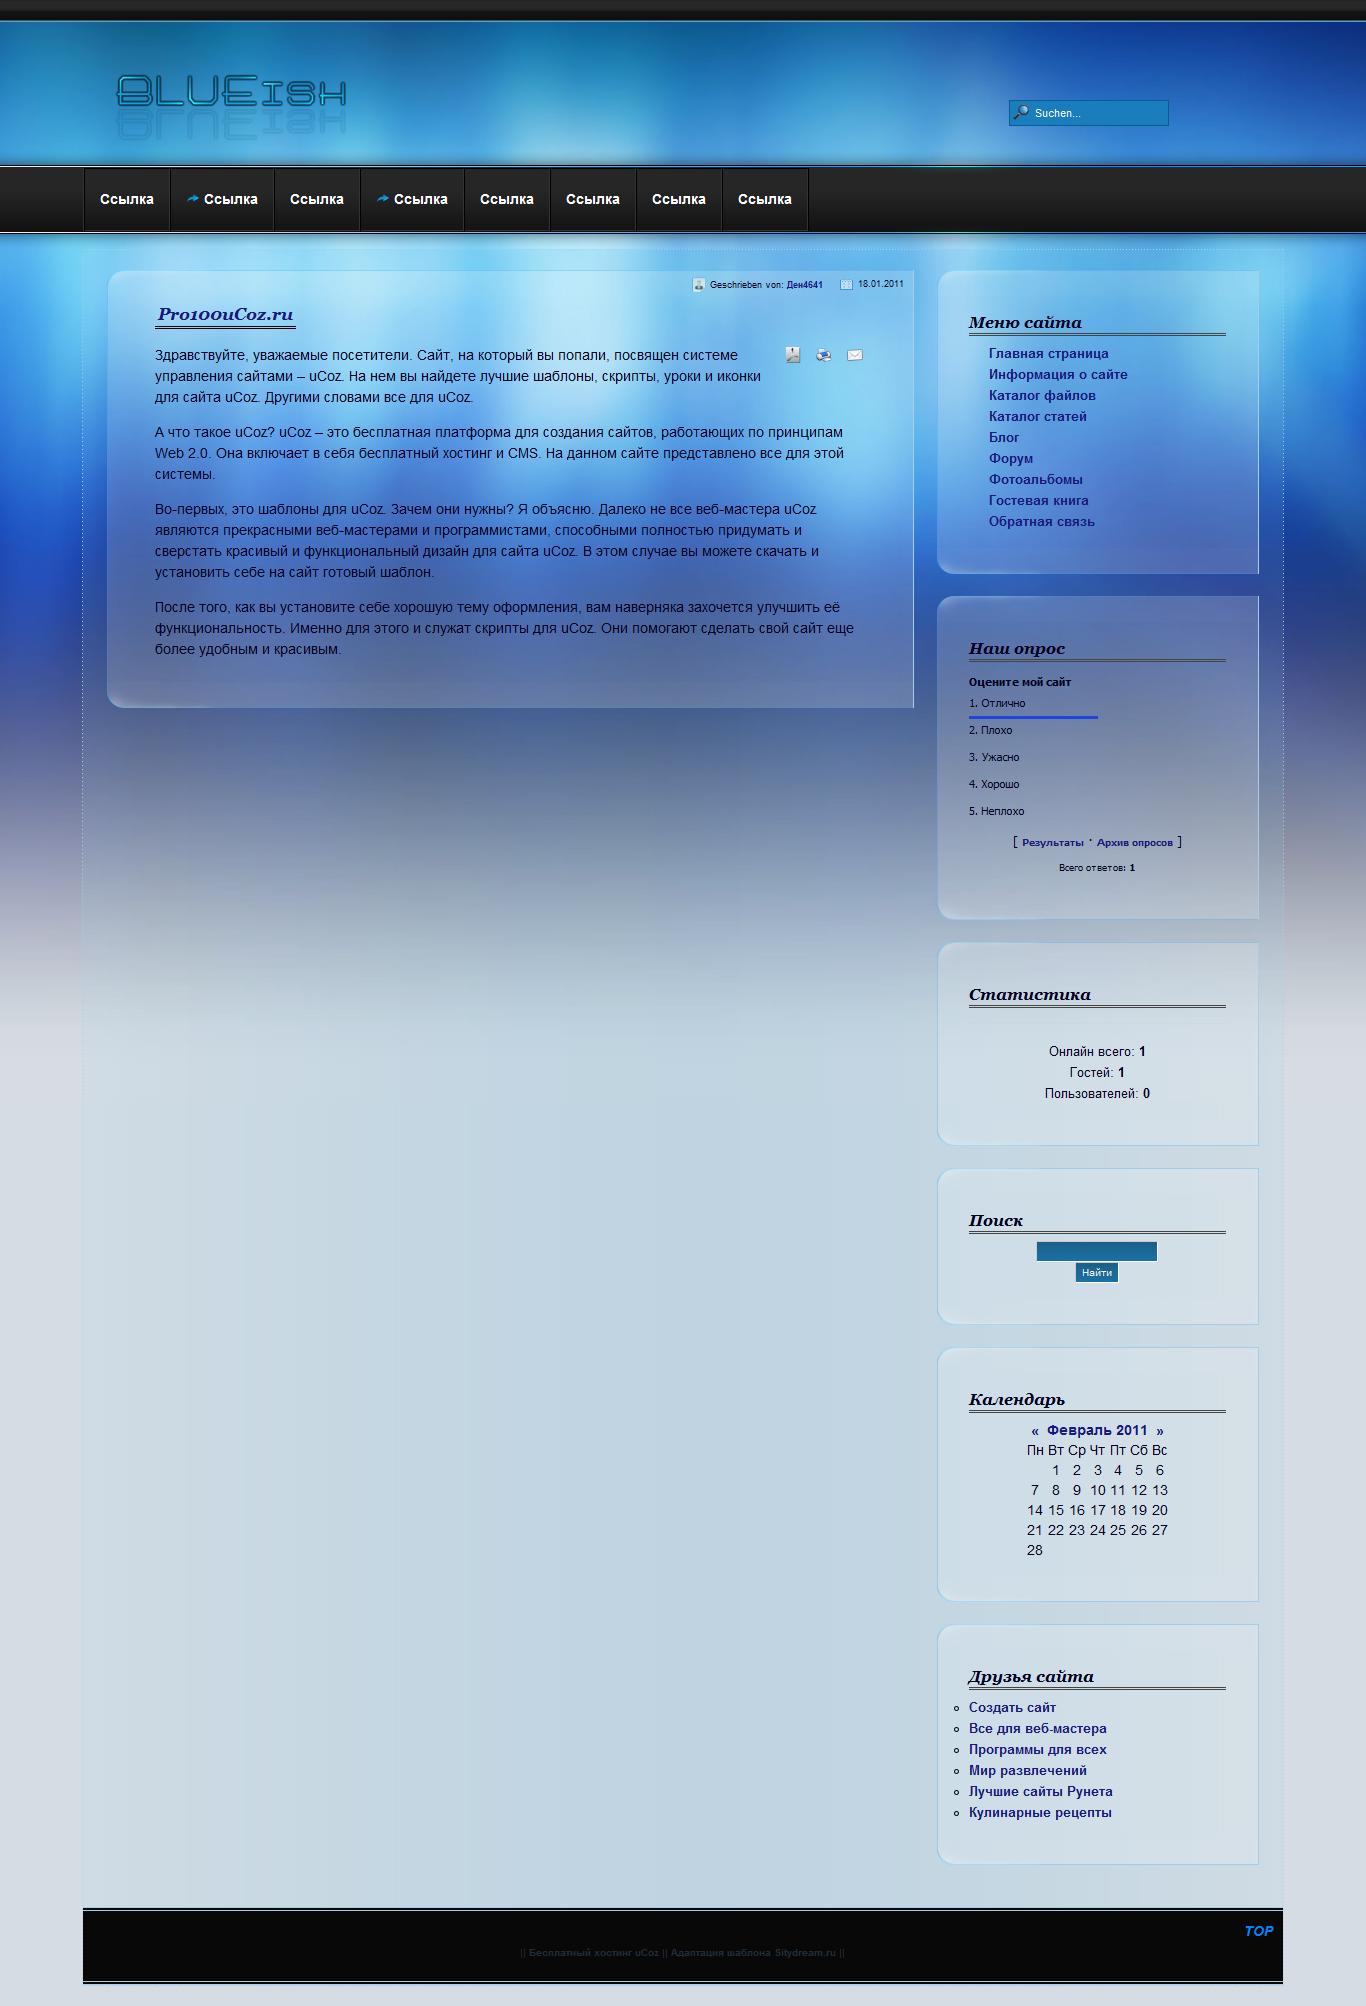 шаблоны для сайта ucoz: